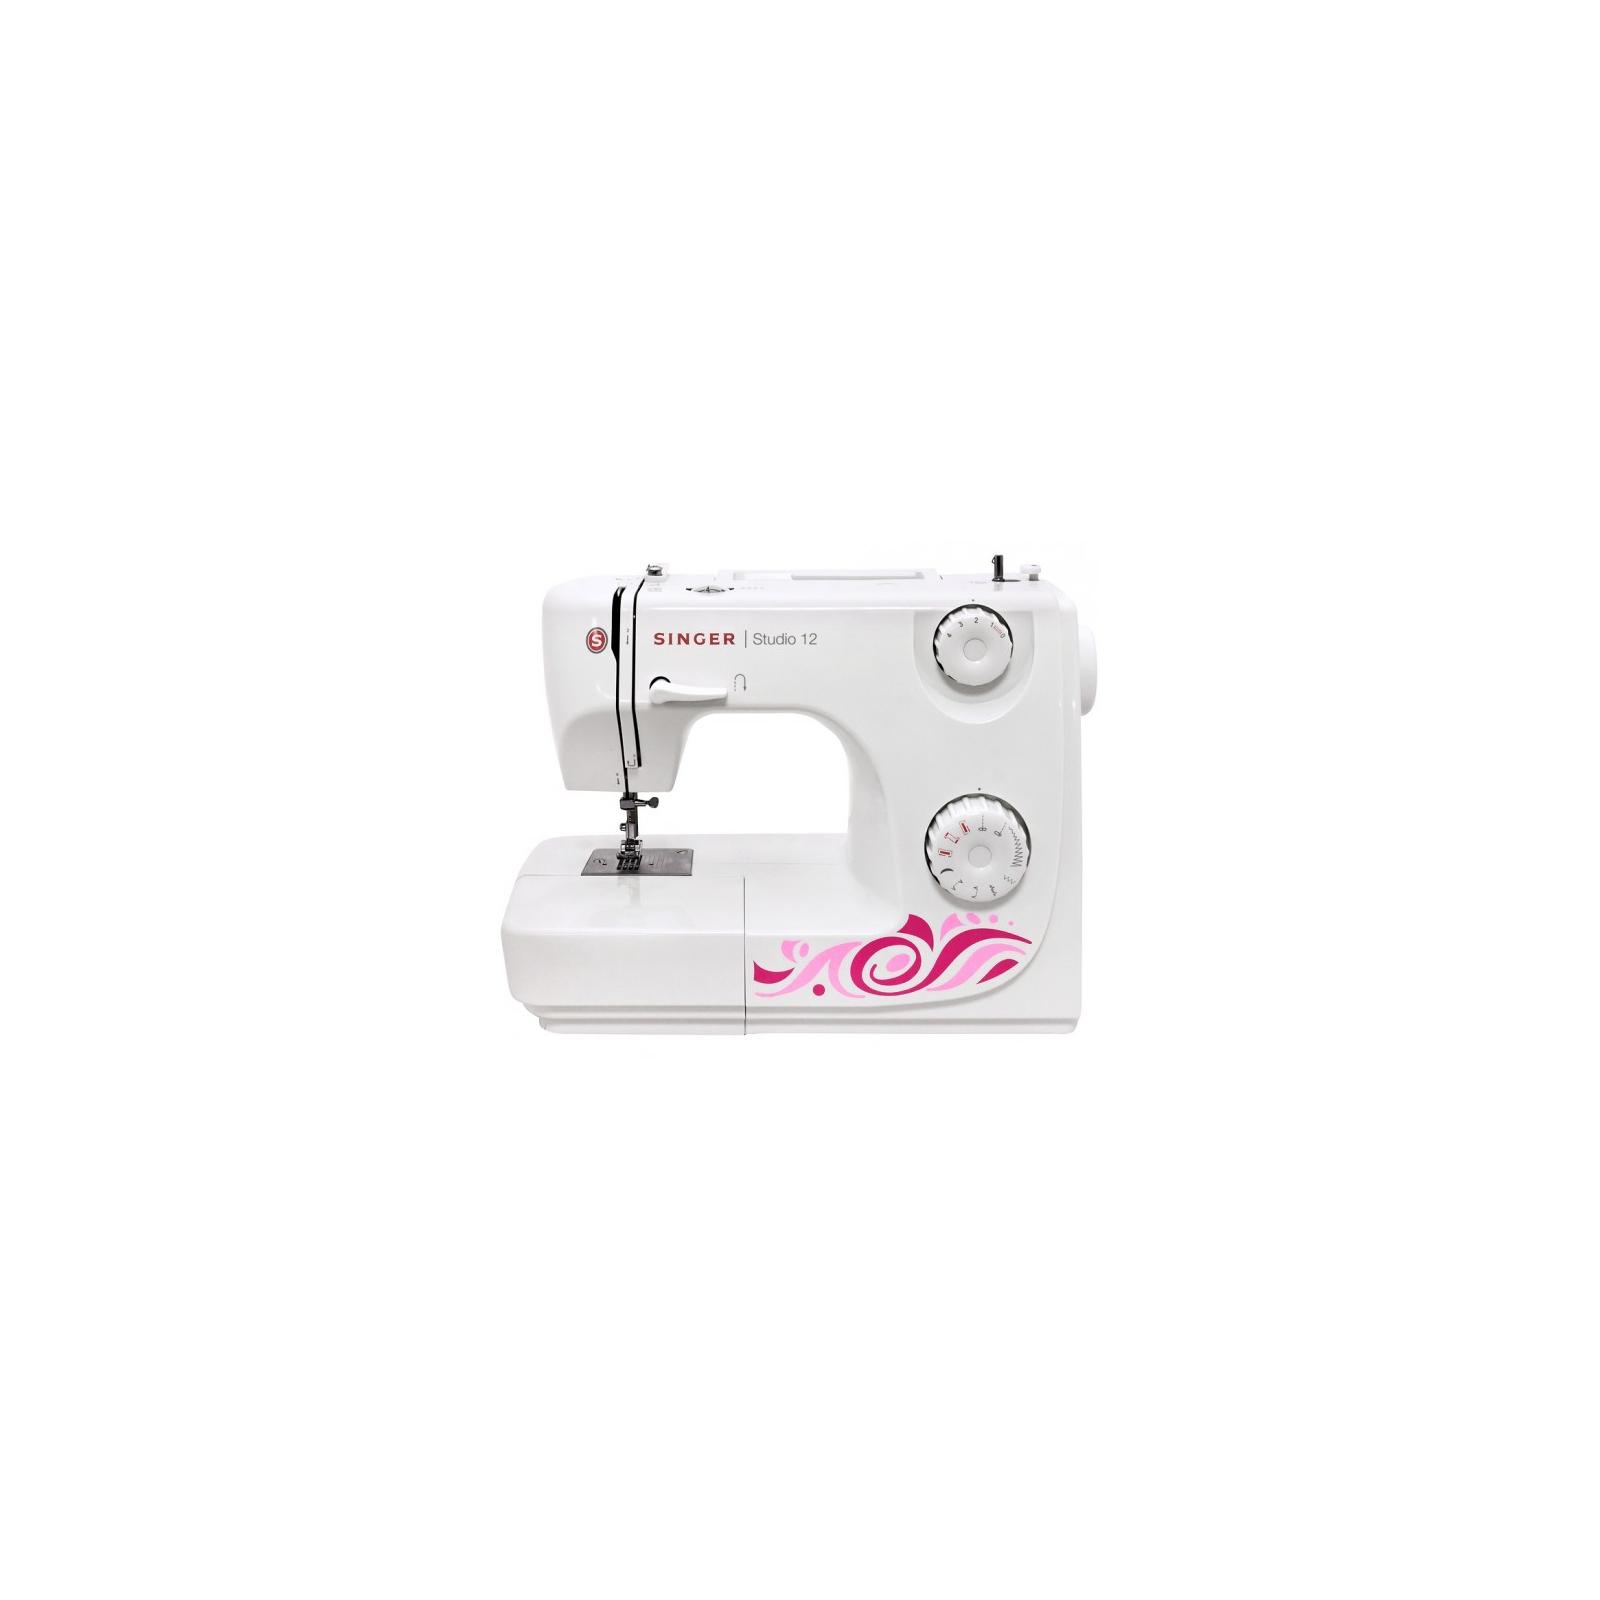 Швейна машина Singer Studio 12 (Studio12) зображення 2